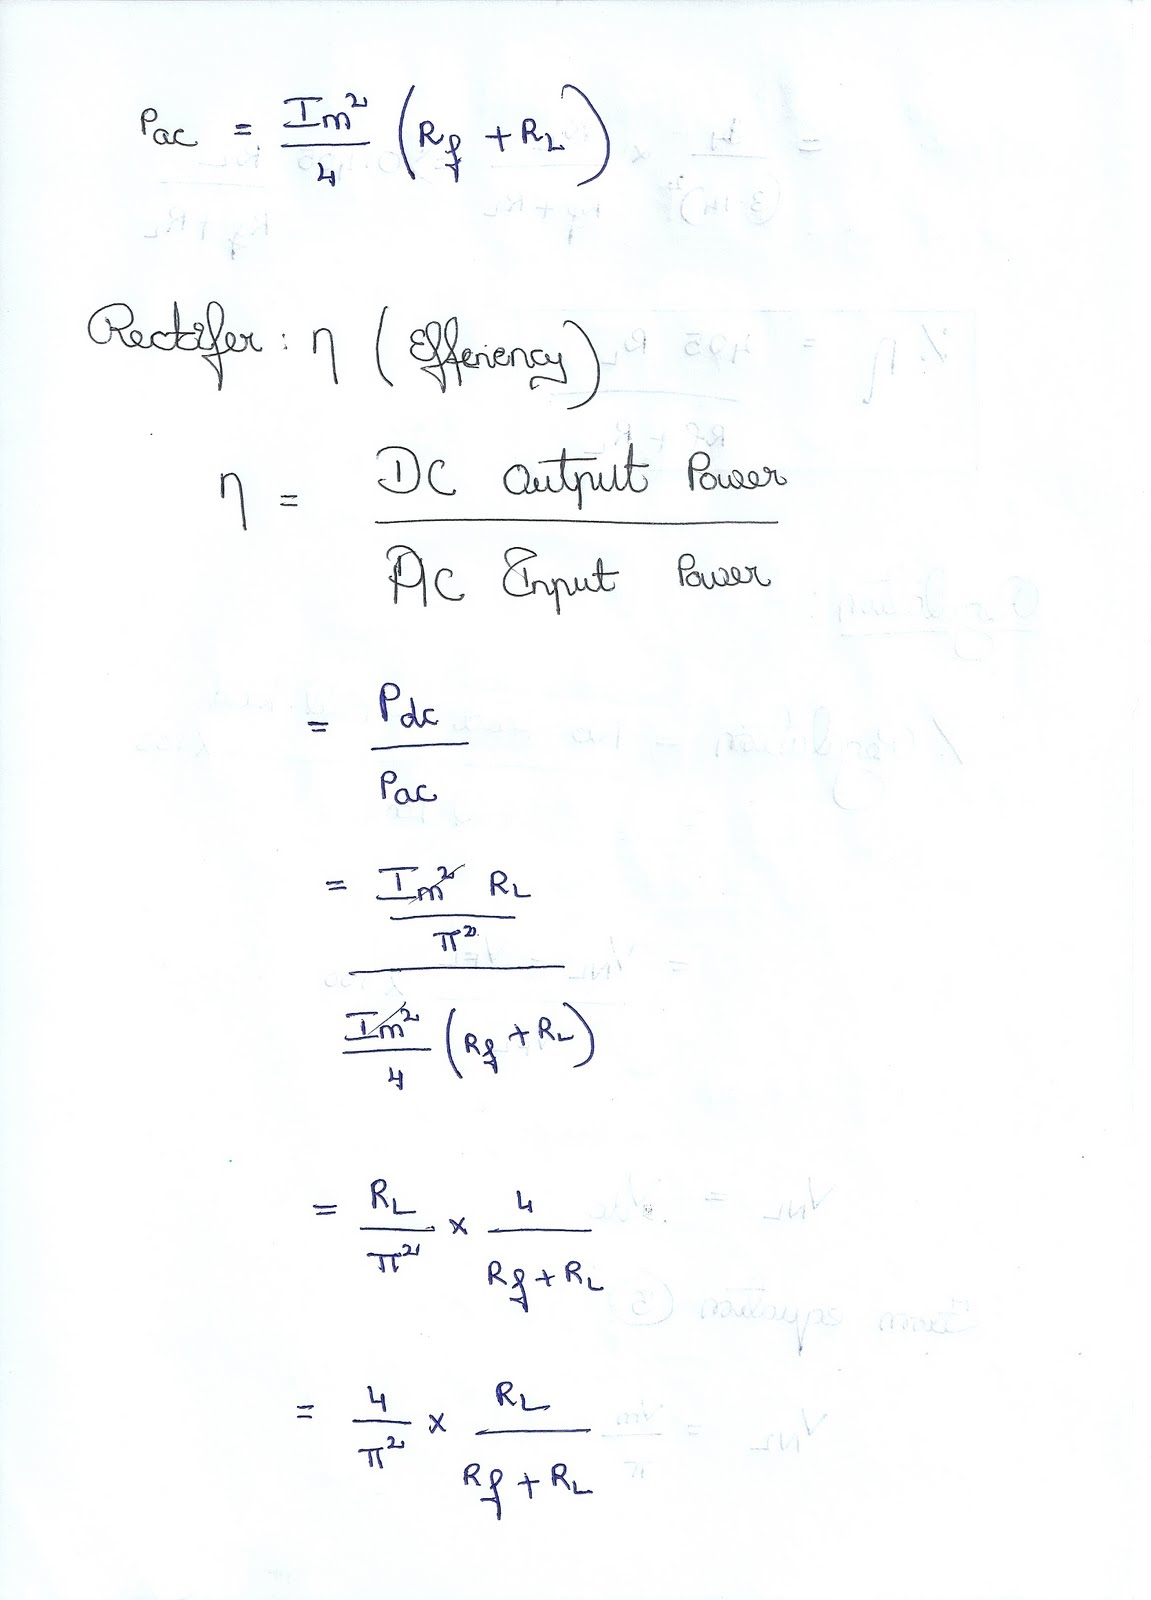 Half Wave Rectifier Analysis ~ Vidyarthiplus (V+) Blog - A Blog